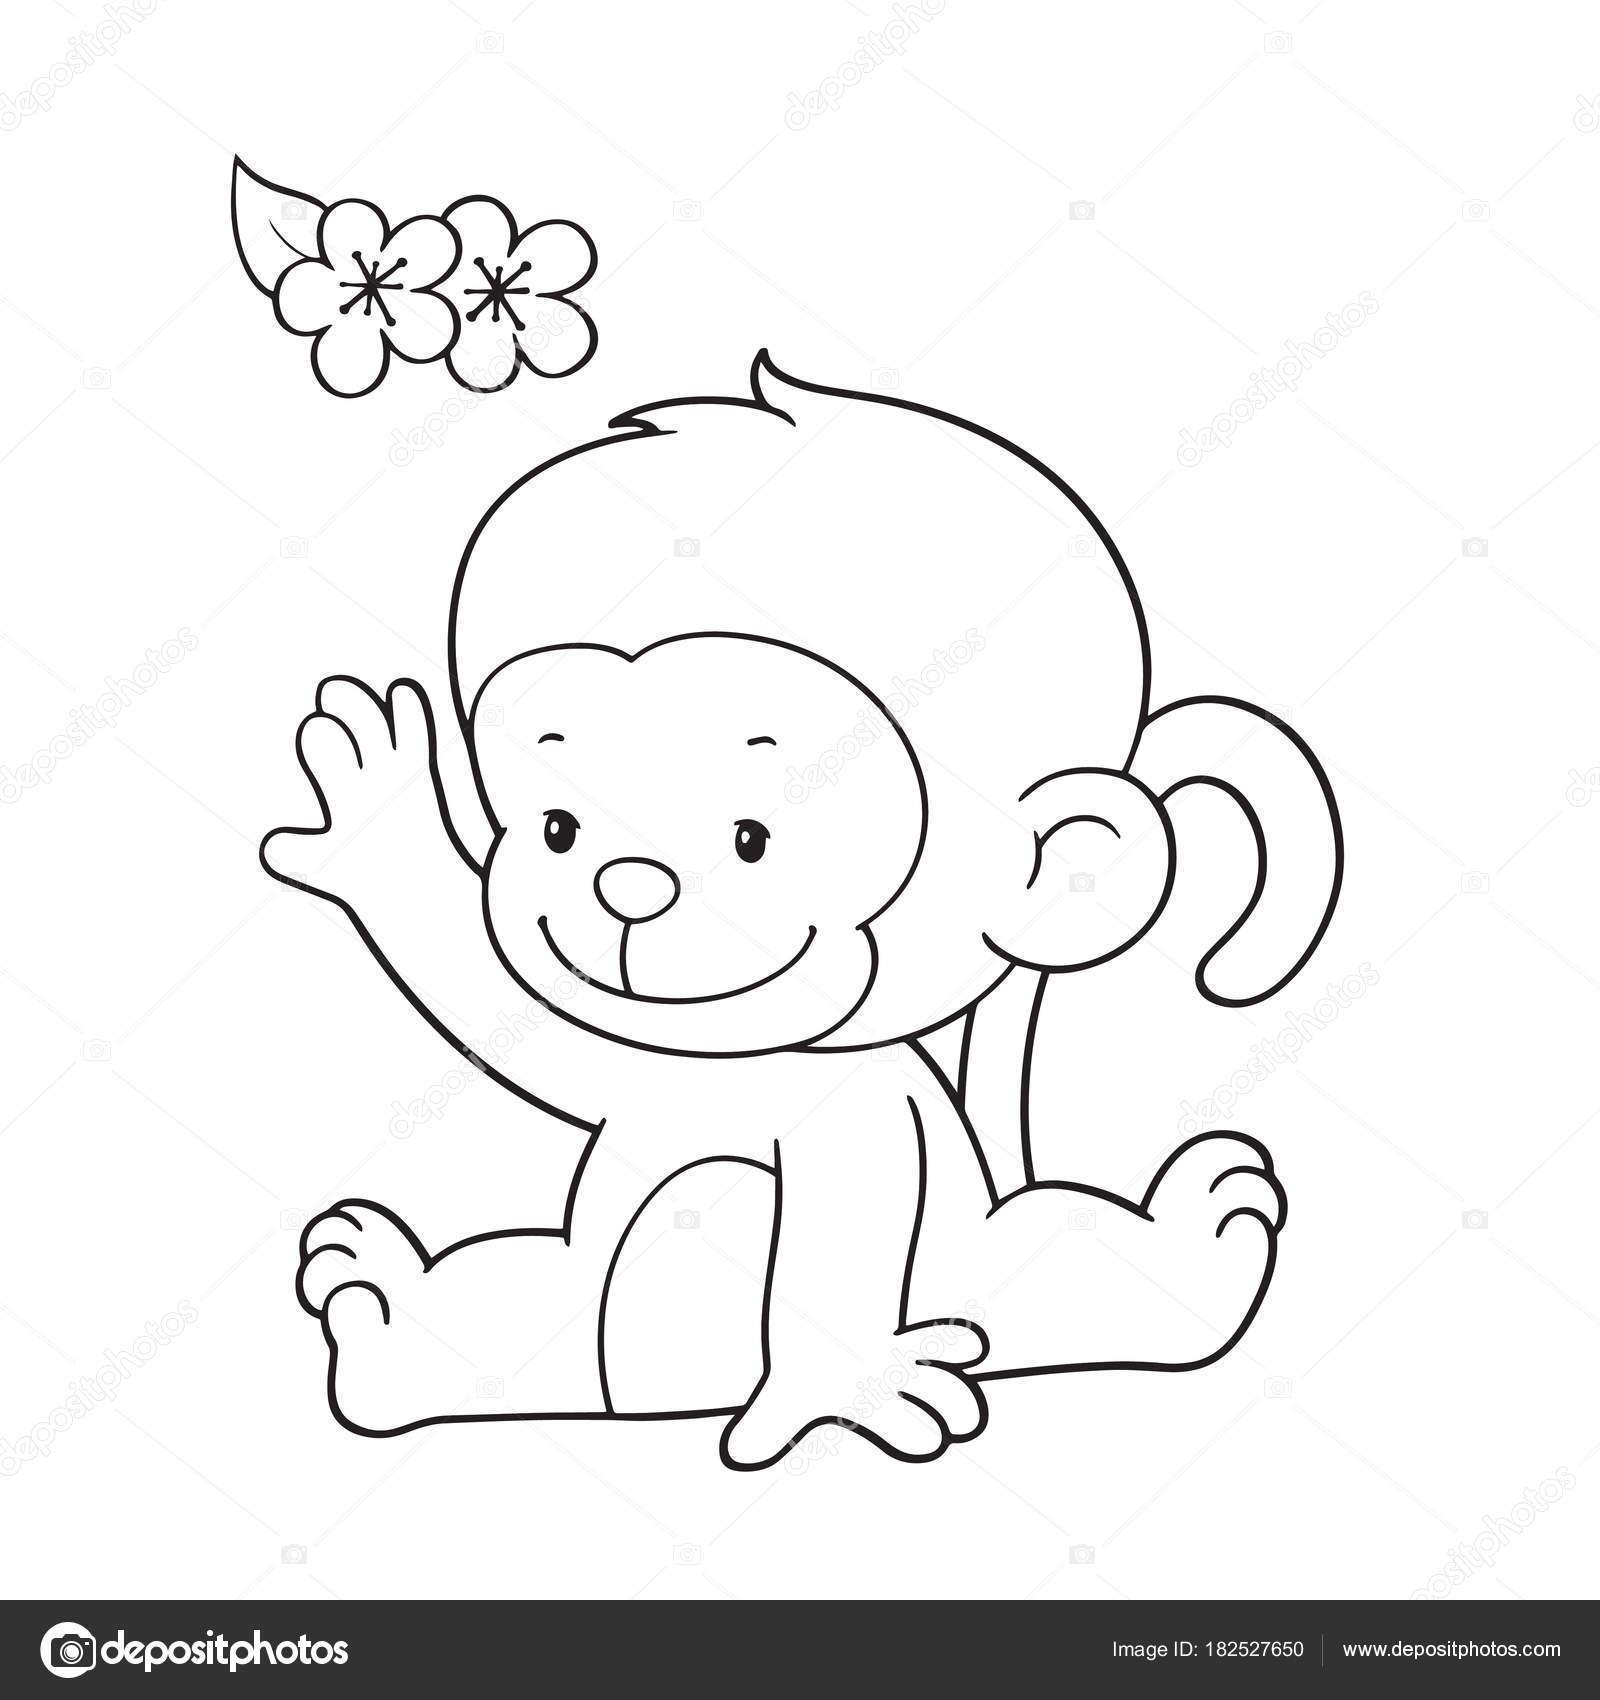 Dibujos Caras De Monos Para Colorear Impresiones Mono Dibujos